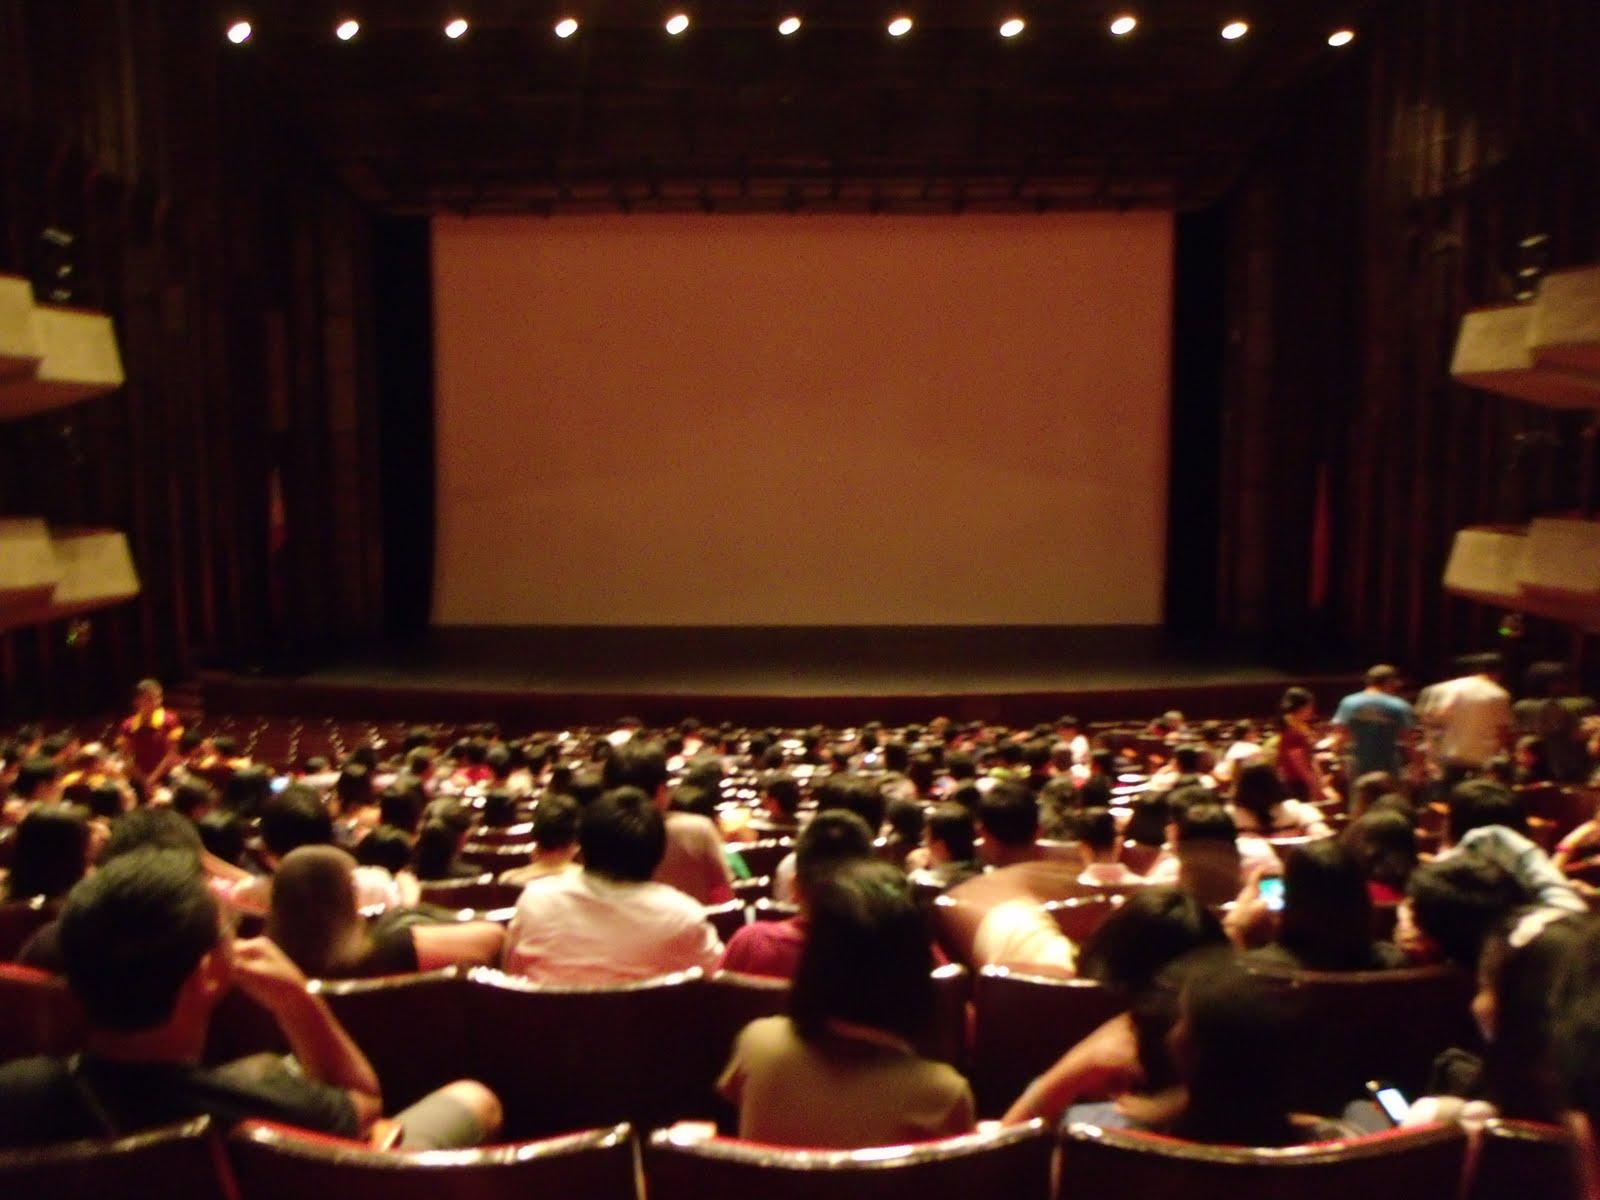 descriptive essay movie theater